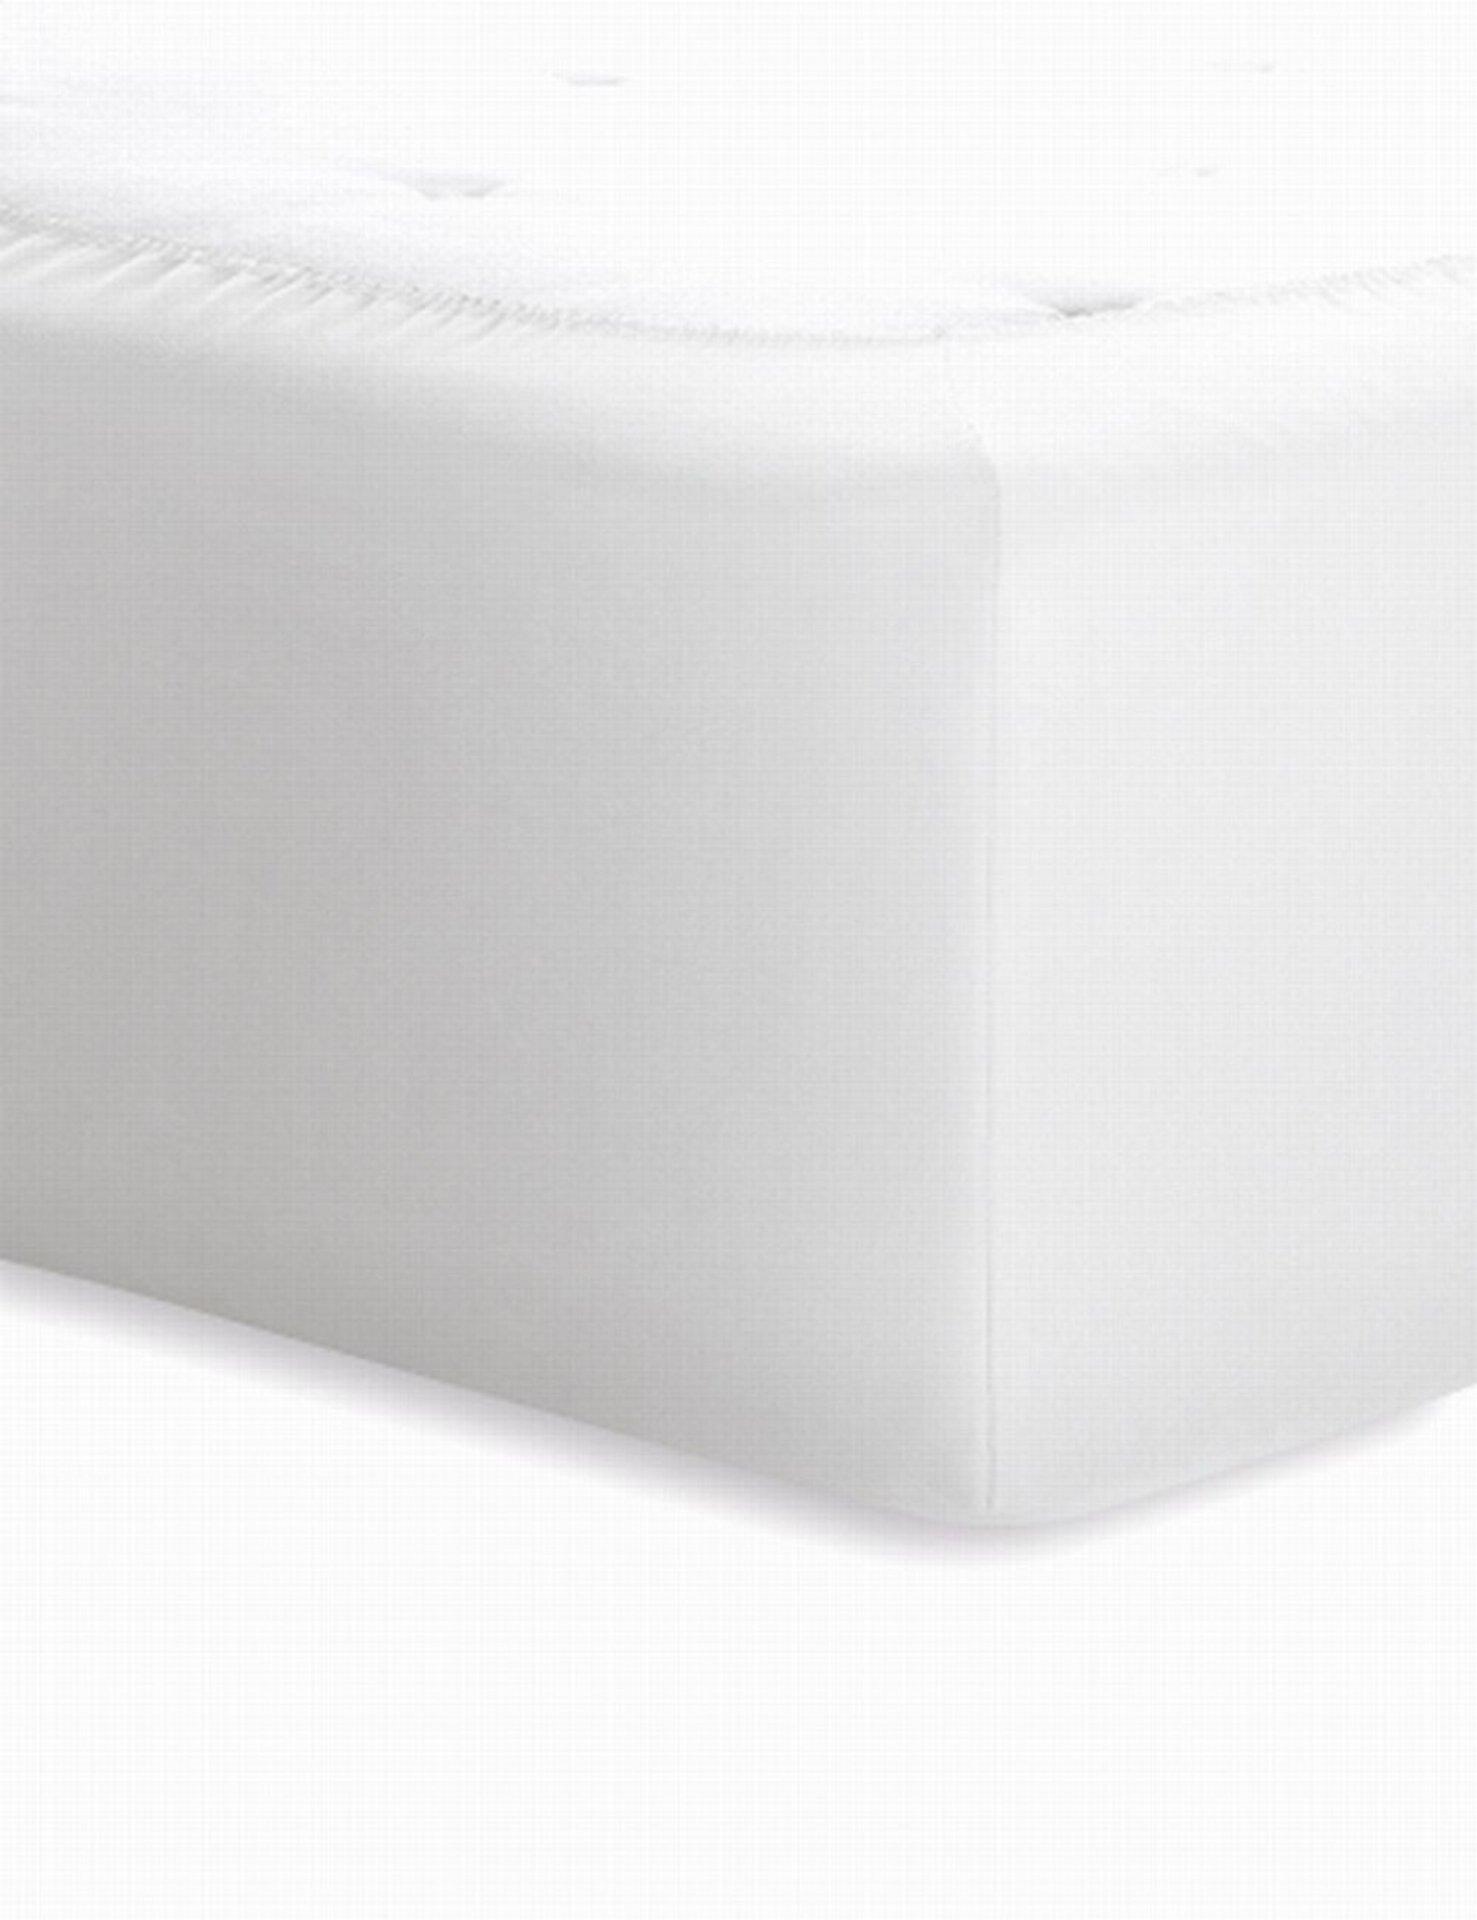 Spannbetttuch Schlafgut Textil weiß 180 x 200 cm